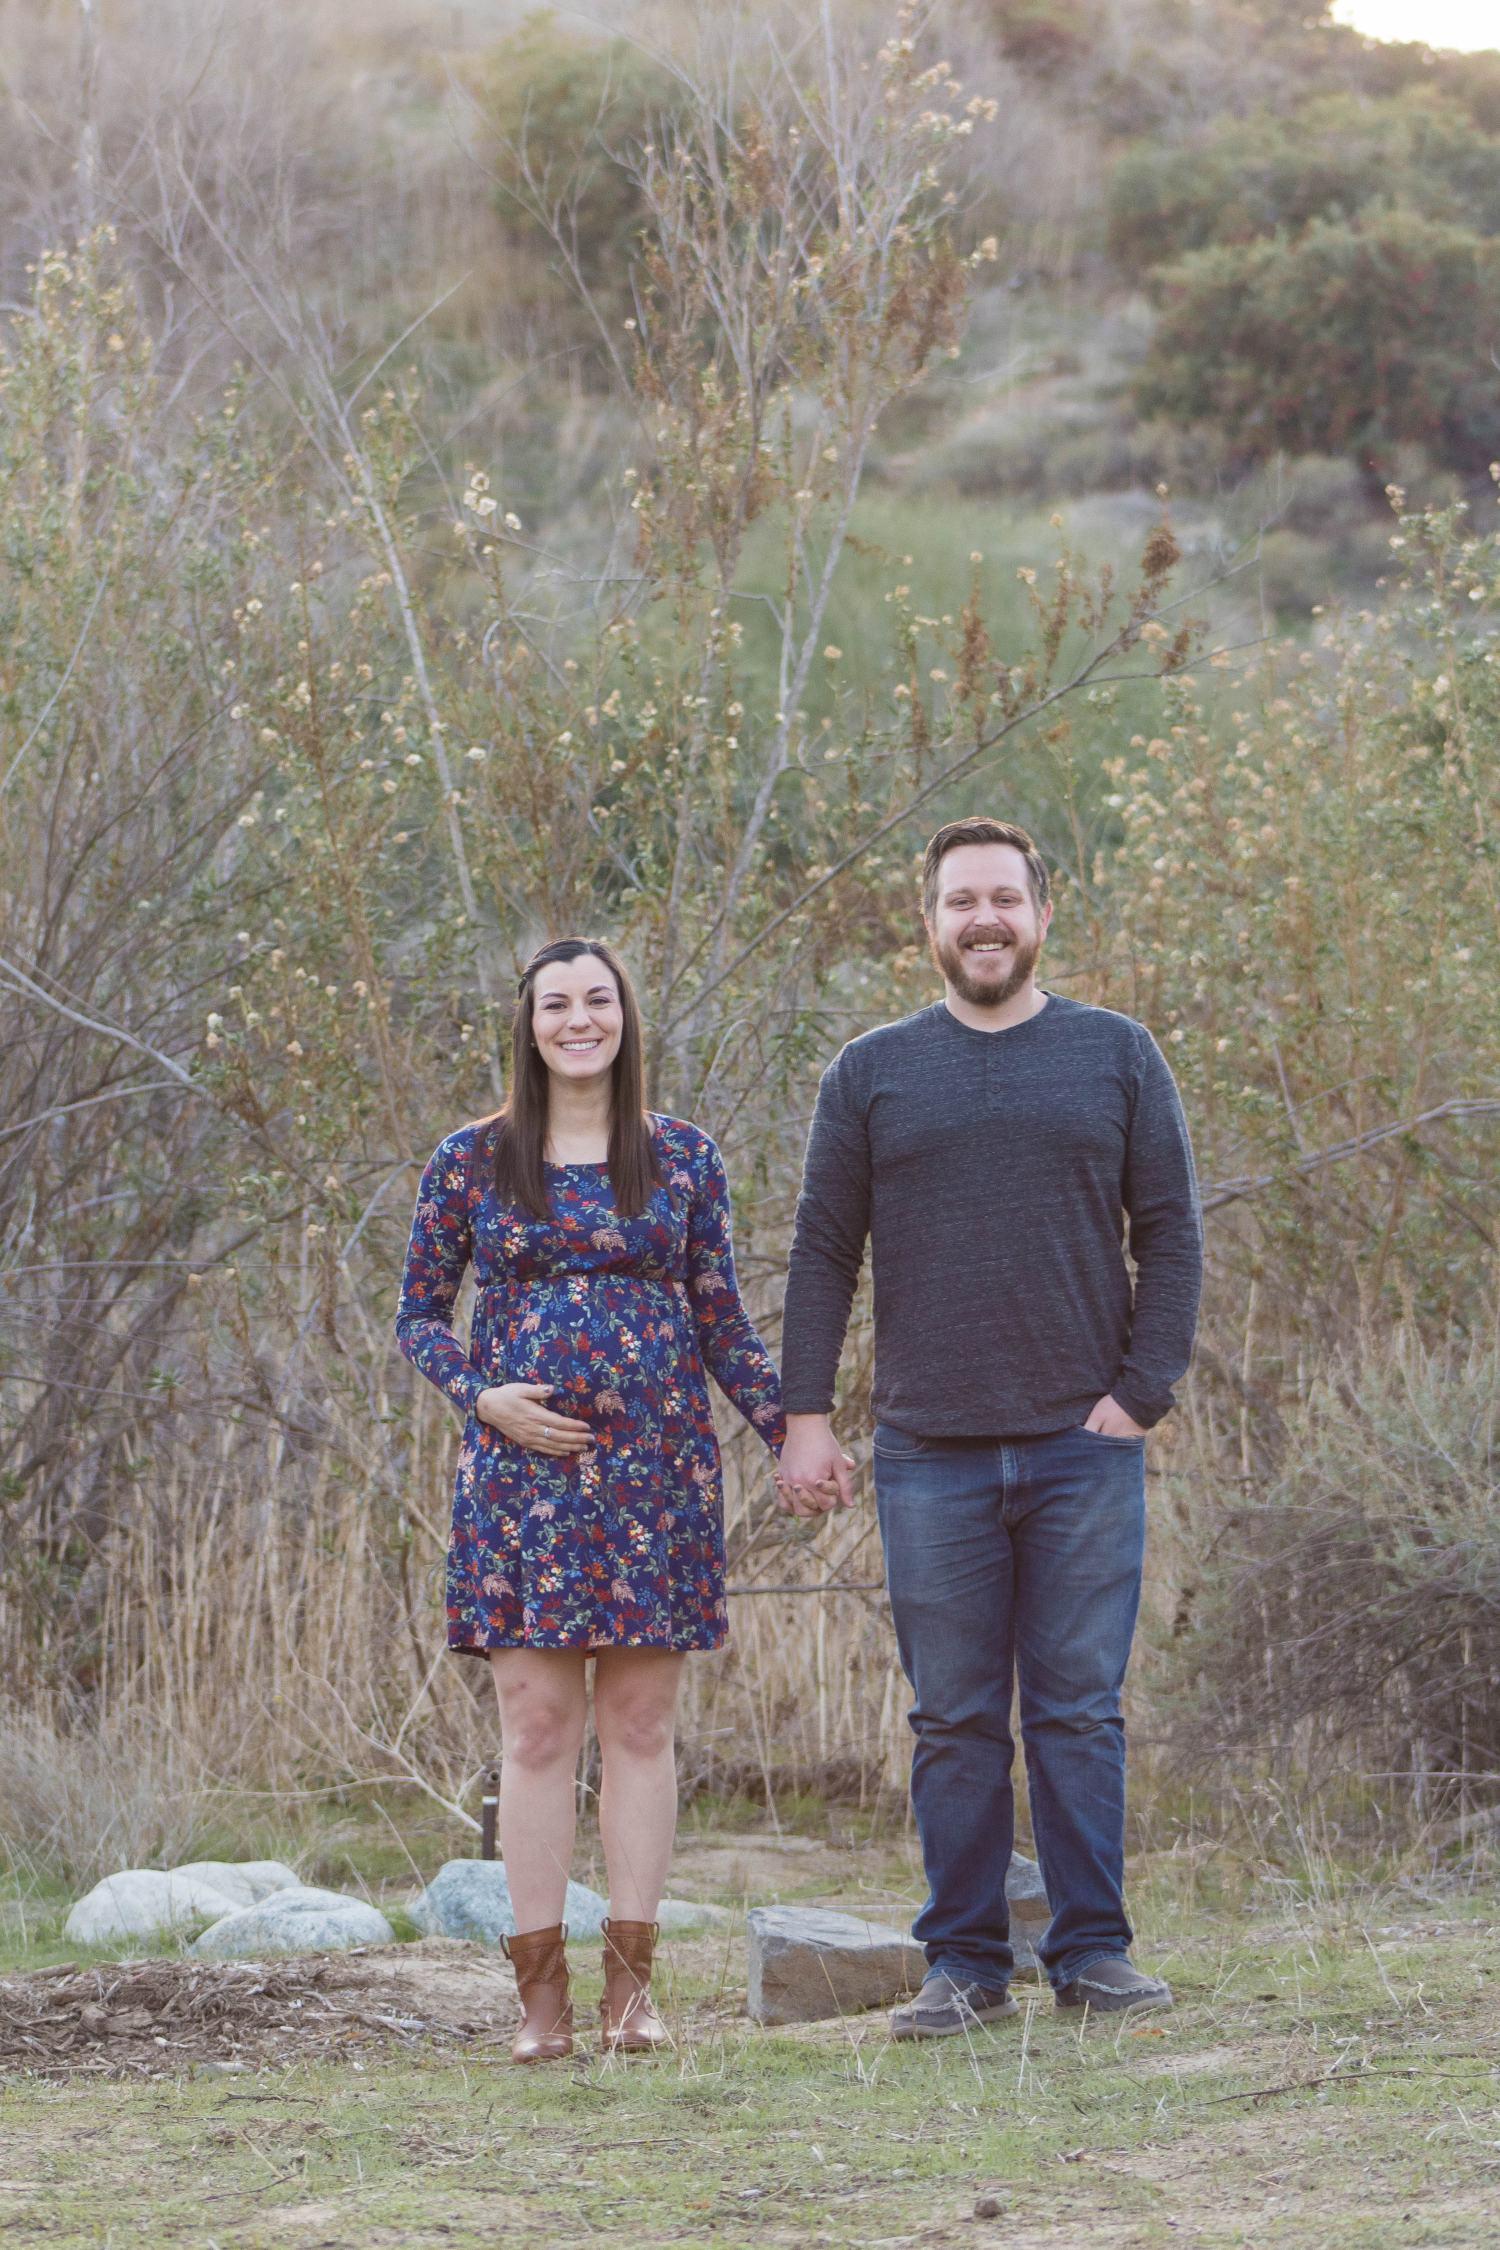 Carbon Canyon Regional Park, Brea - Engagement Session